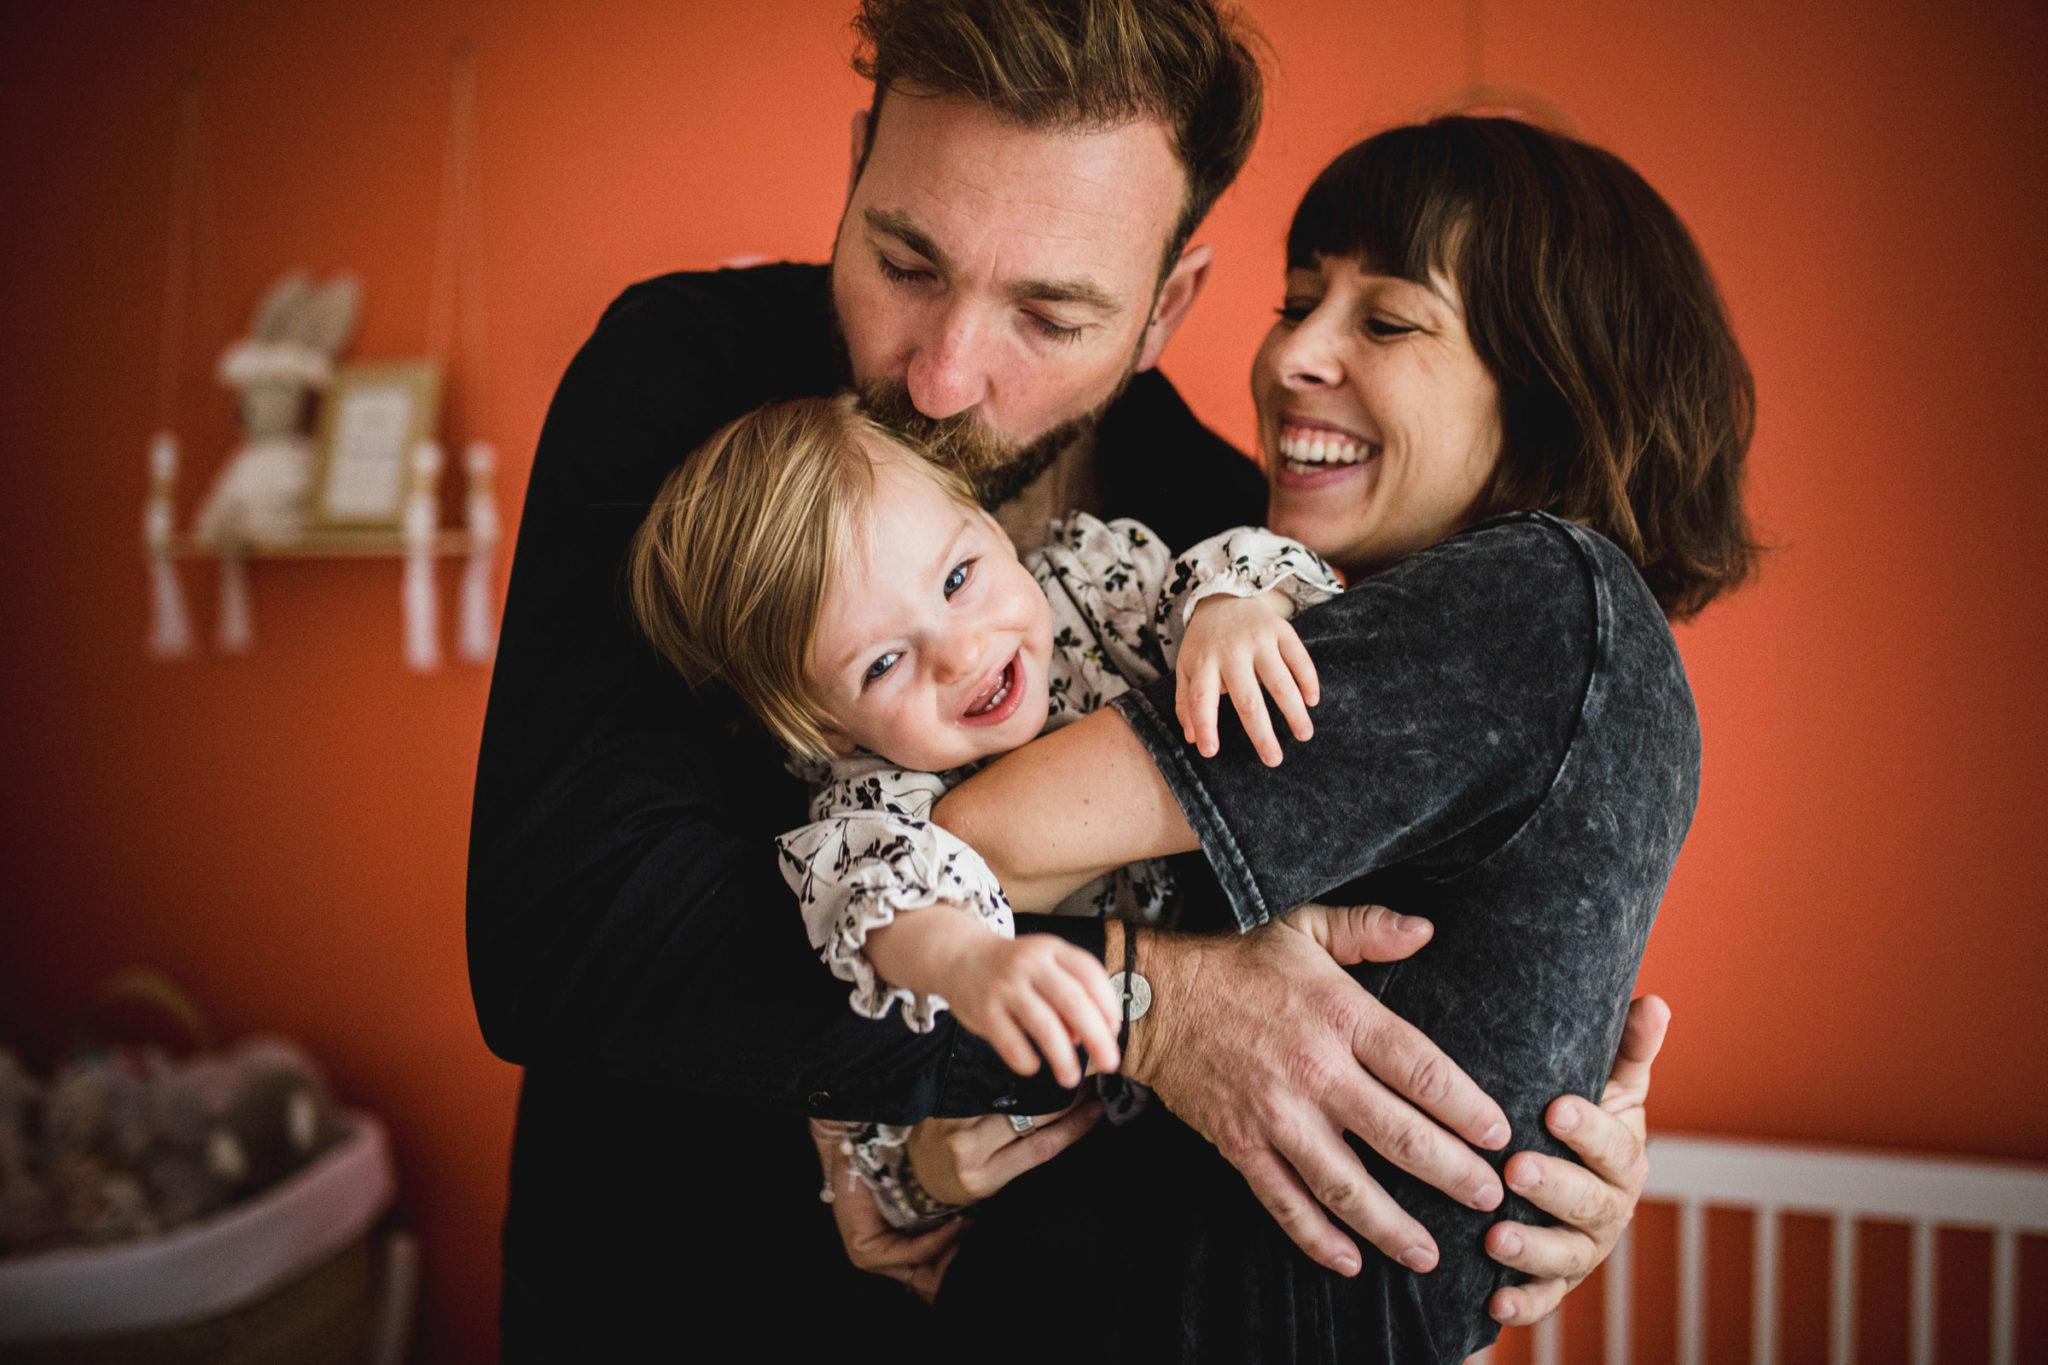 Un jeune couple de parents tiennent leur fille d'un an dans leurs bras dans une chambre orange d'une maison à Avignon